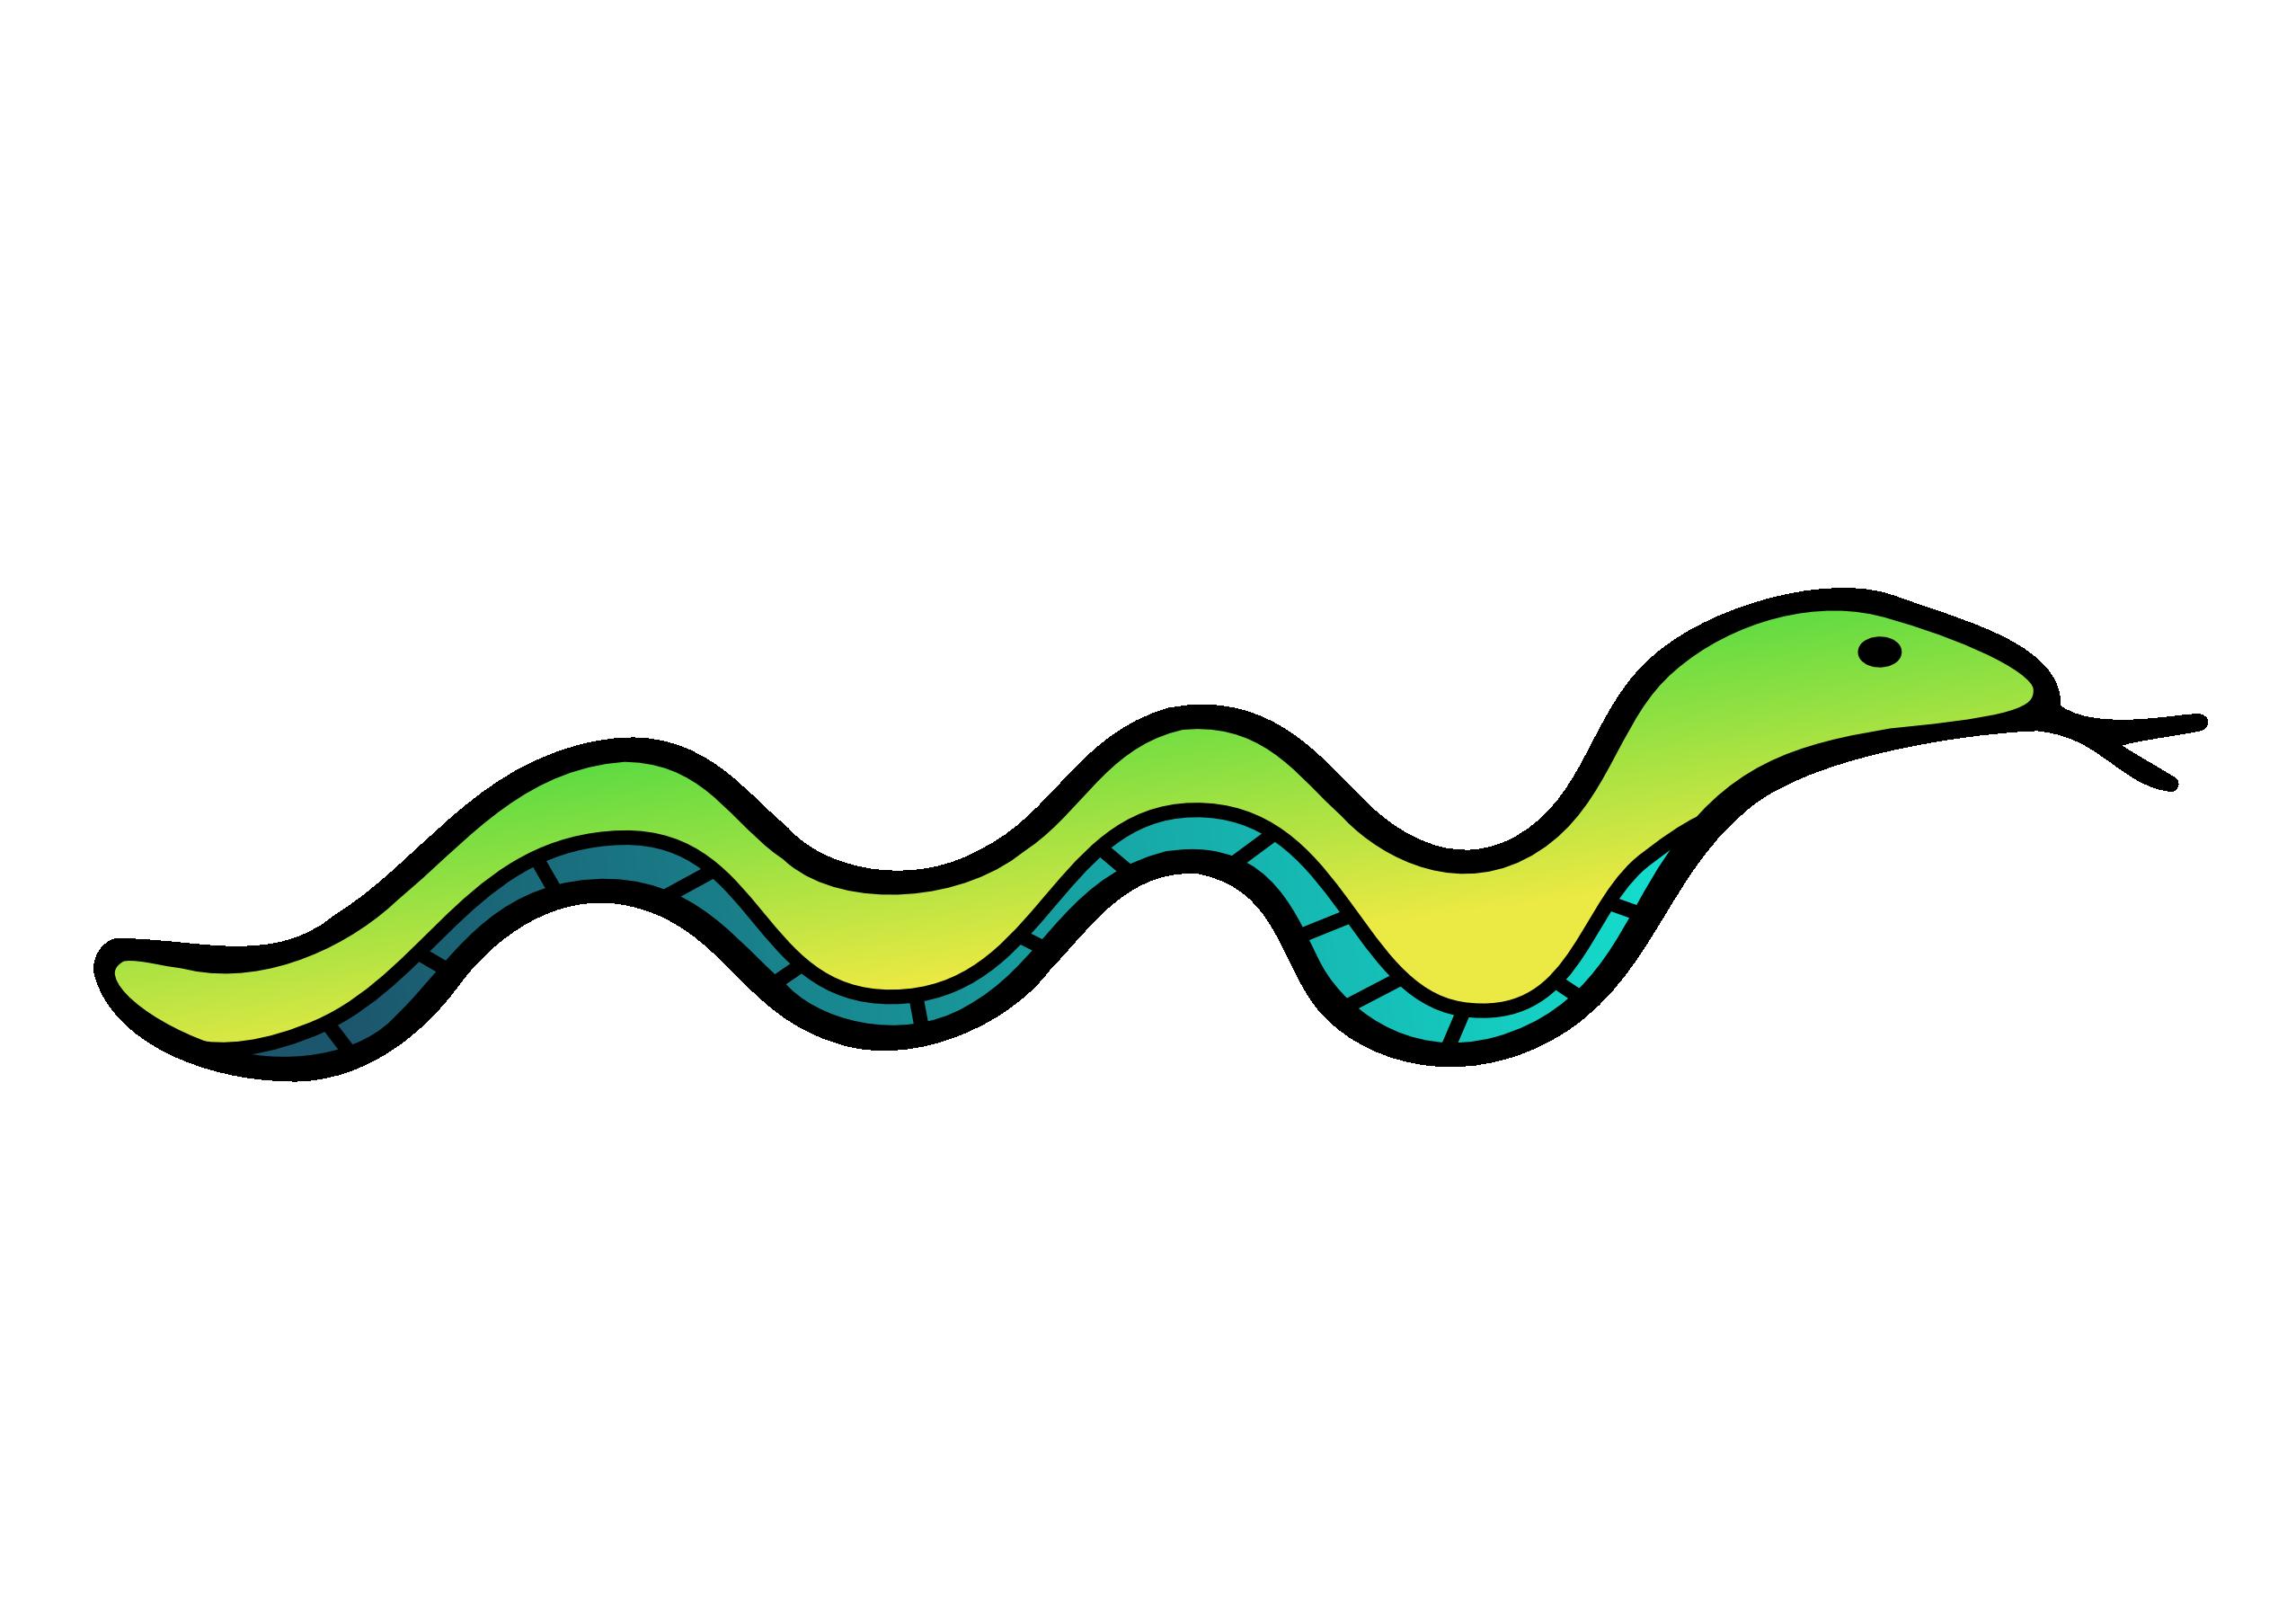 Snake clipart 5 2